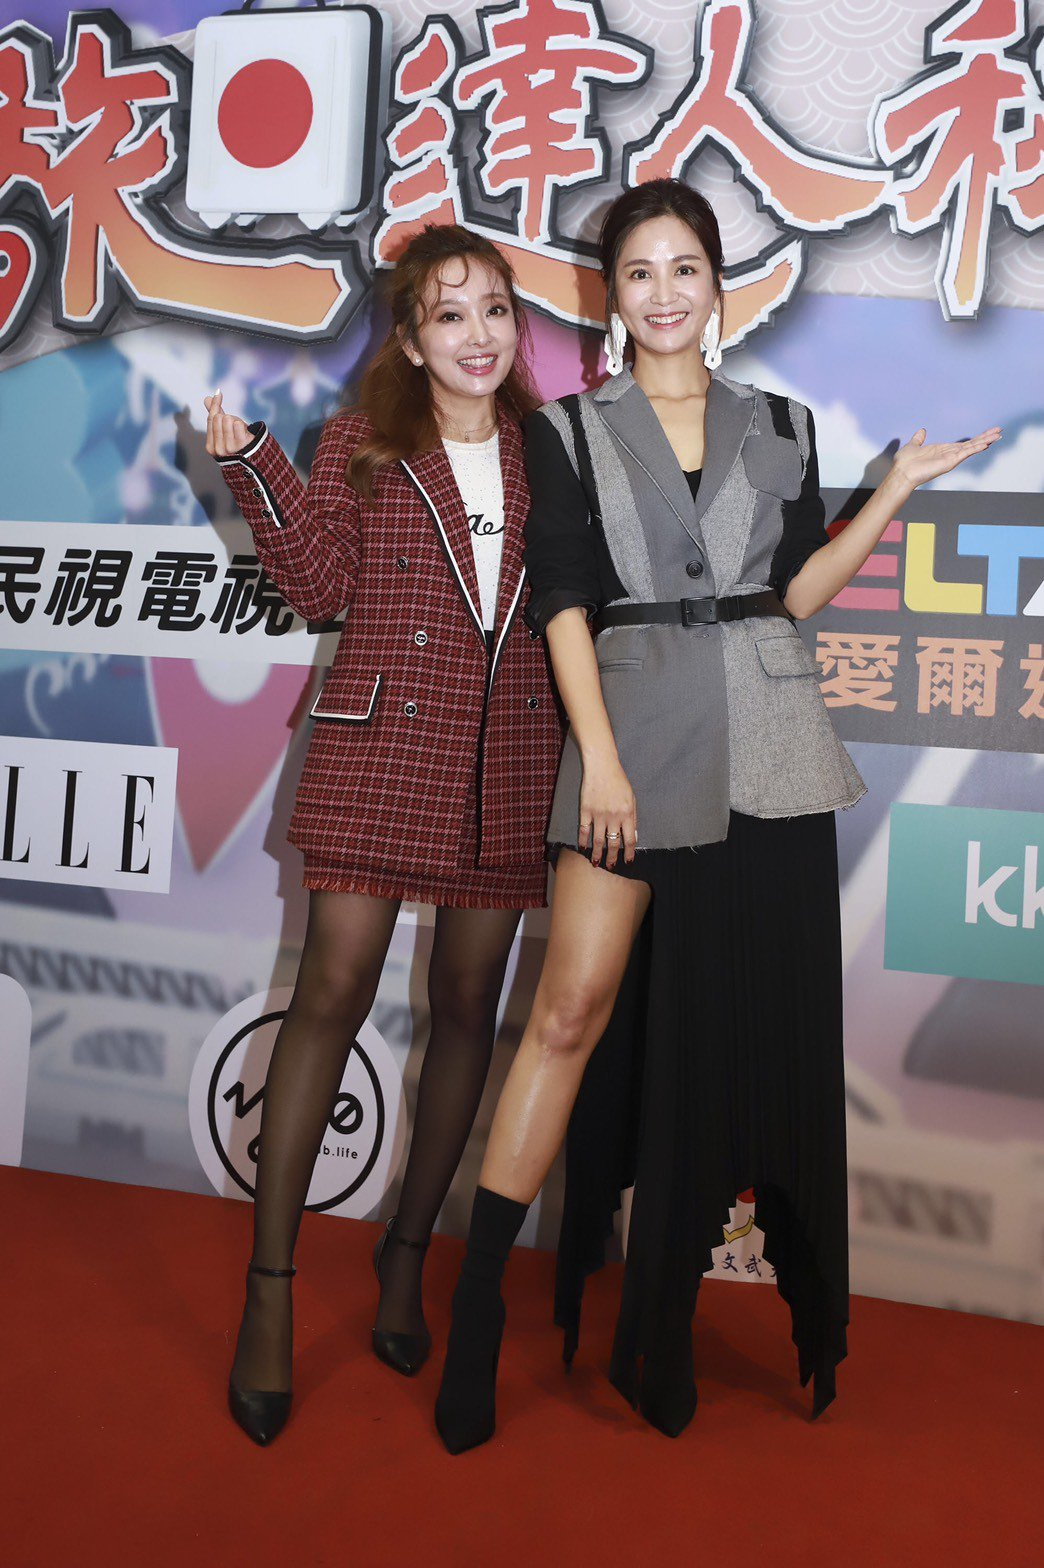 吳怡霈(右)與千田愛紗主持民視「旅日達人秘笈」。圖/民視提供